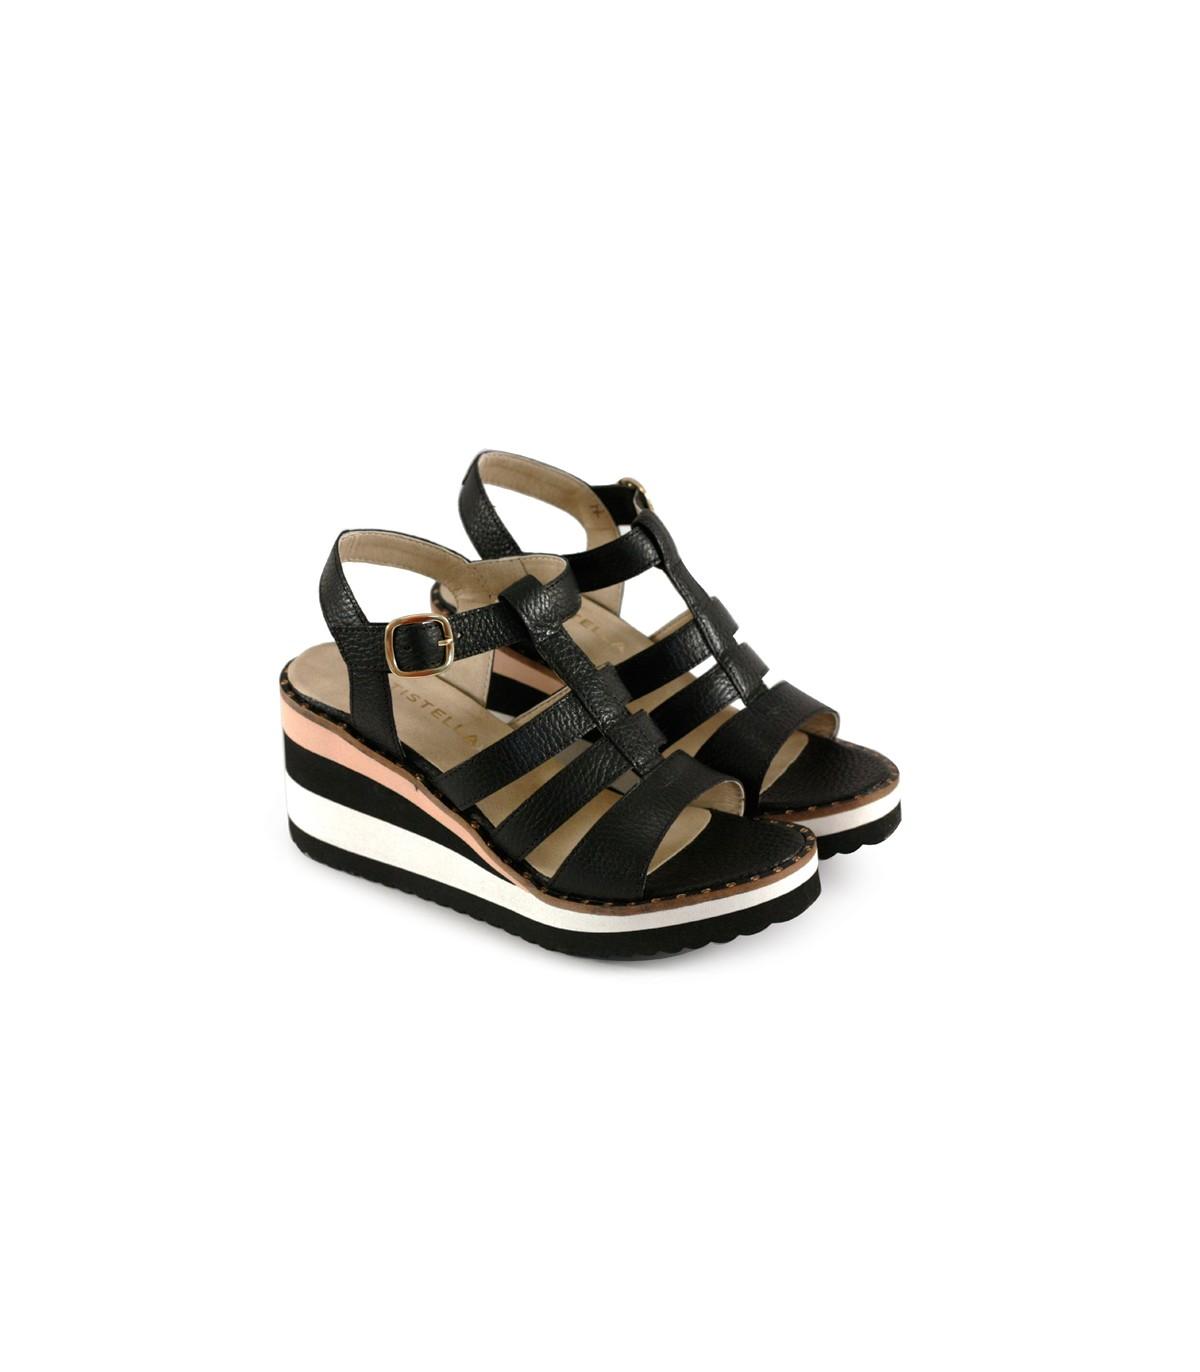 materiales superiores muy baratas super popular Sandalias de cuero-sandalias de mujer-calzadosbatistella.com.ar